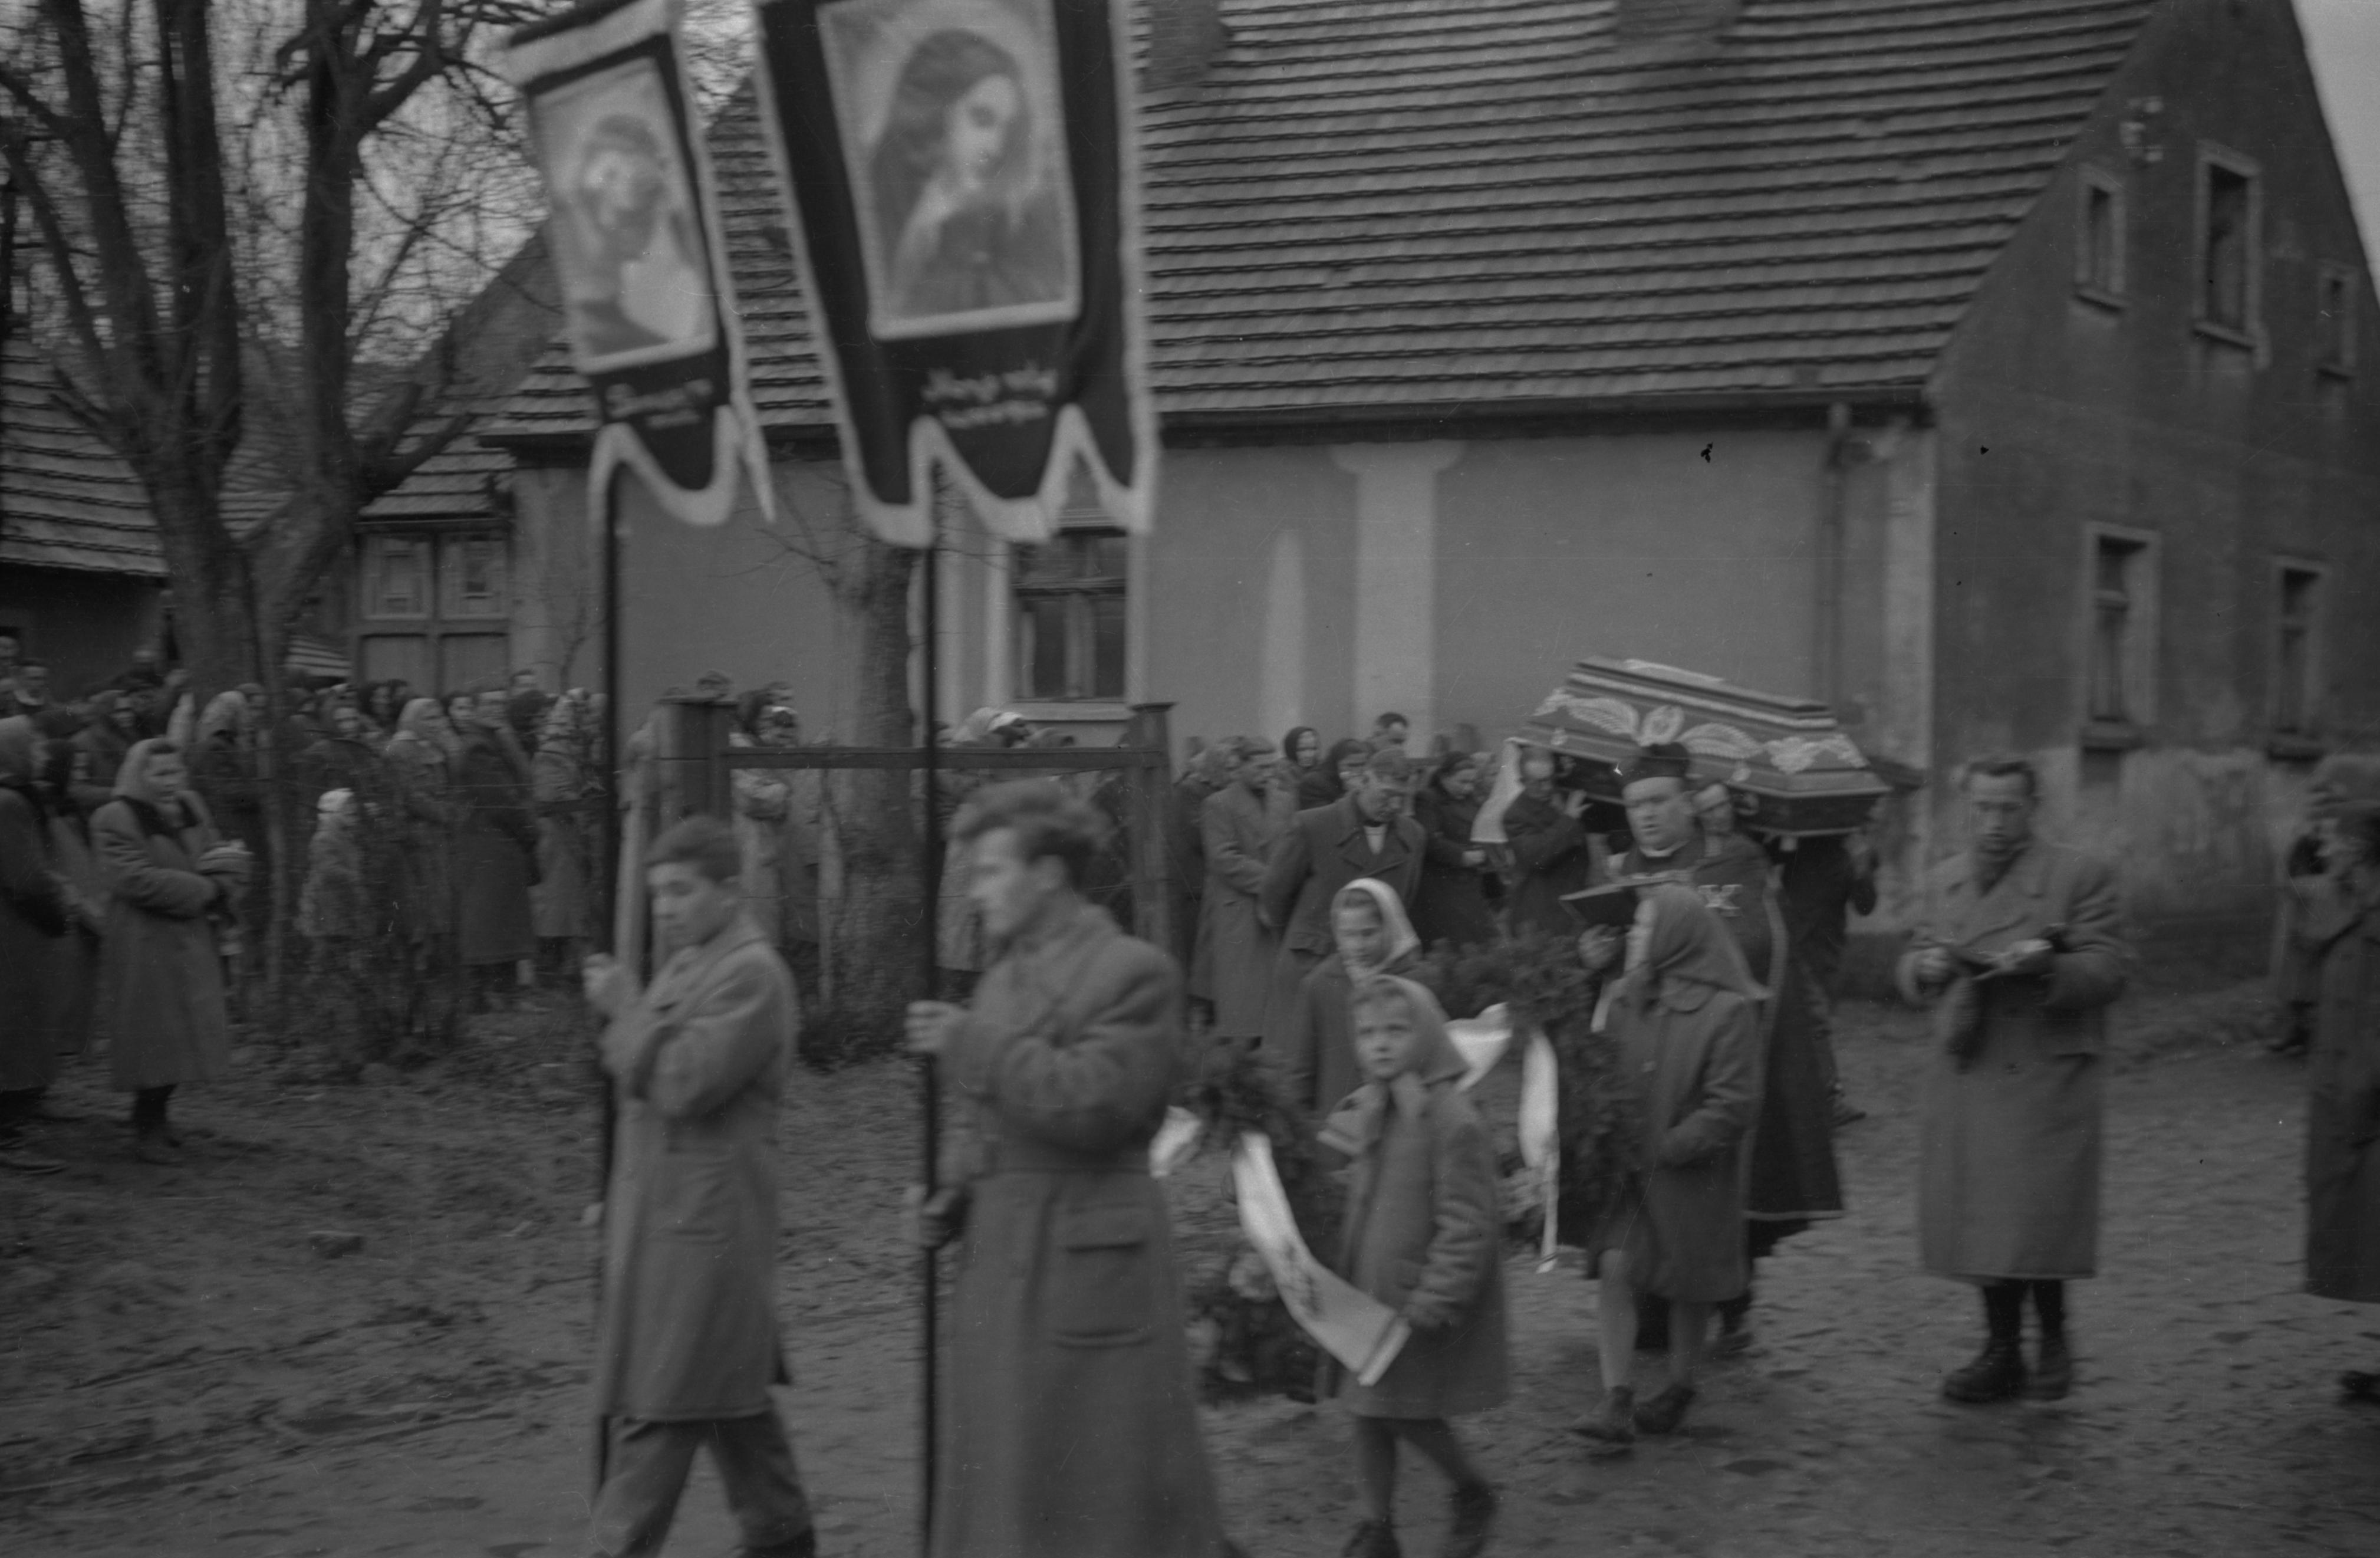 Kondukt żałobny, Dolny Śląsk, 2. poł. XX w.